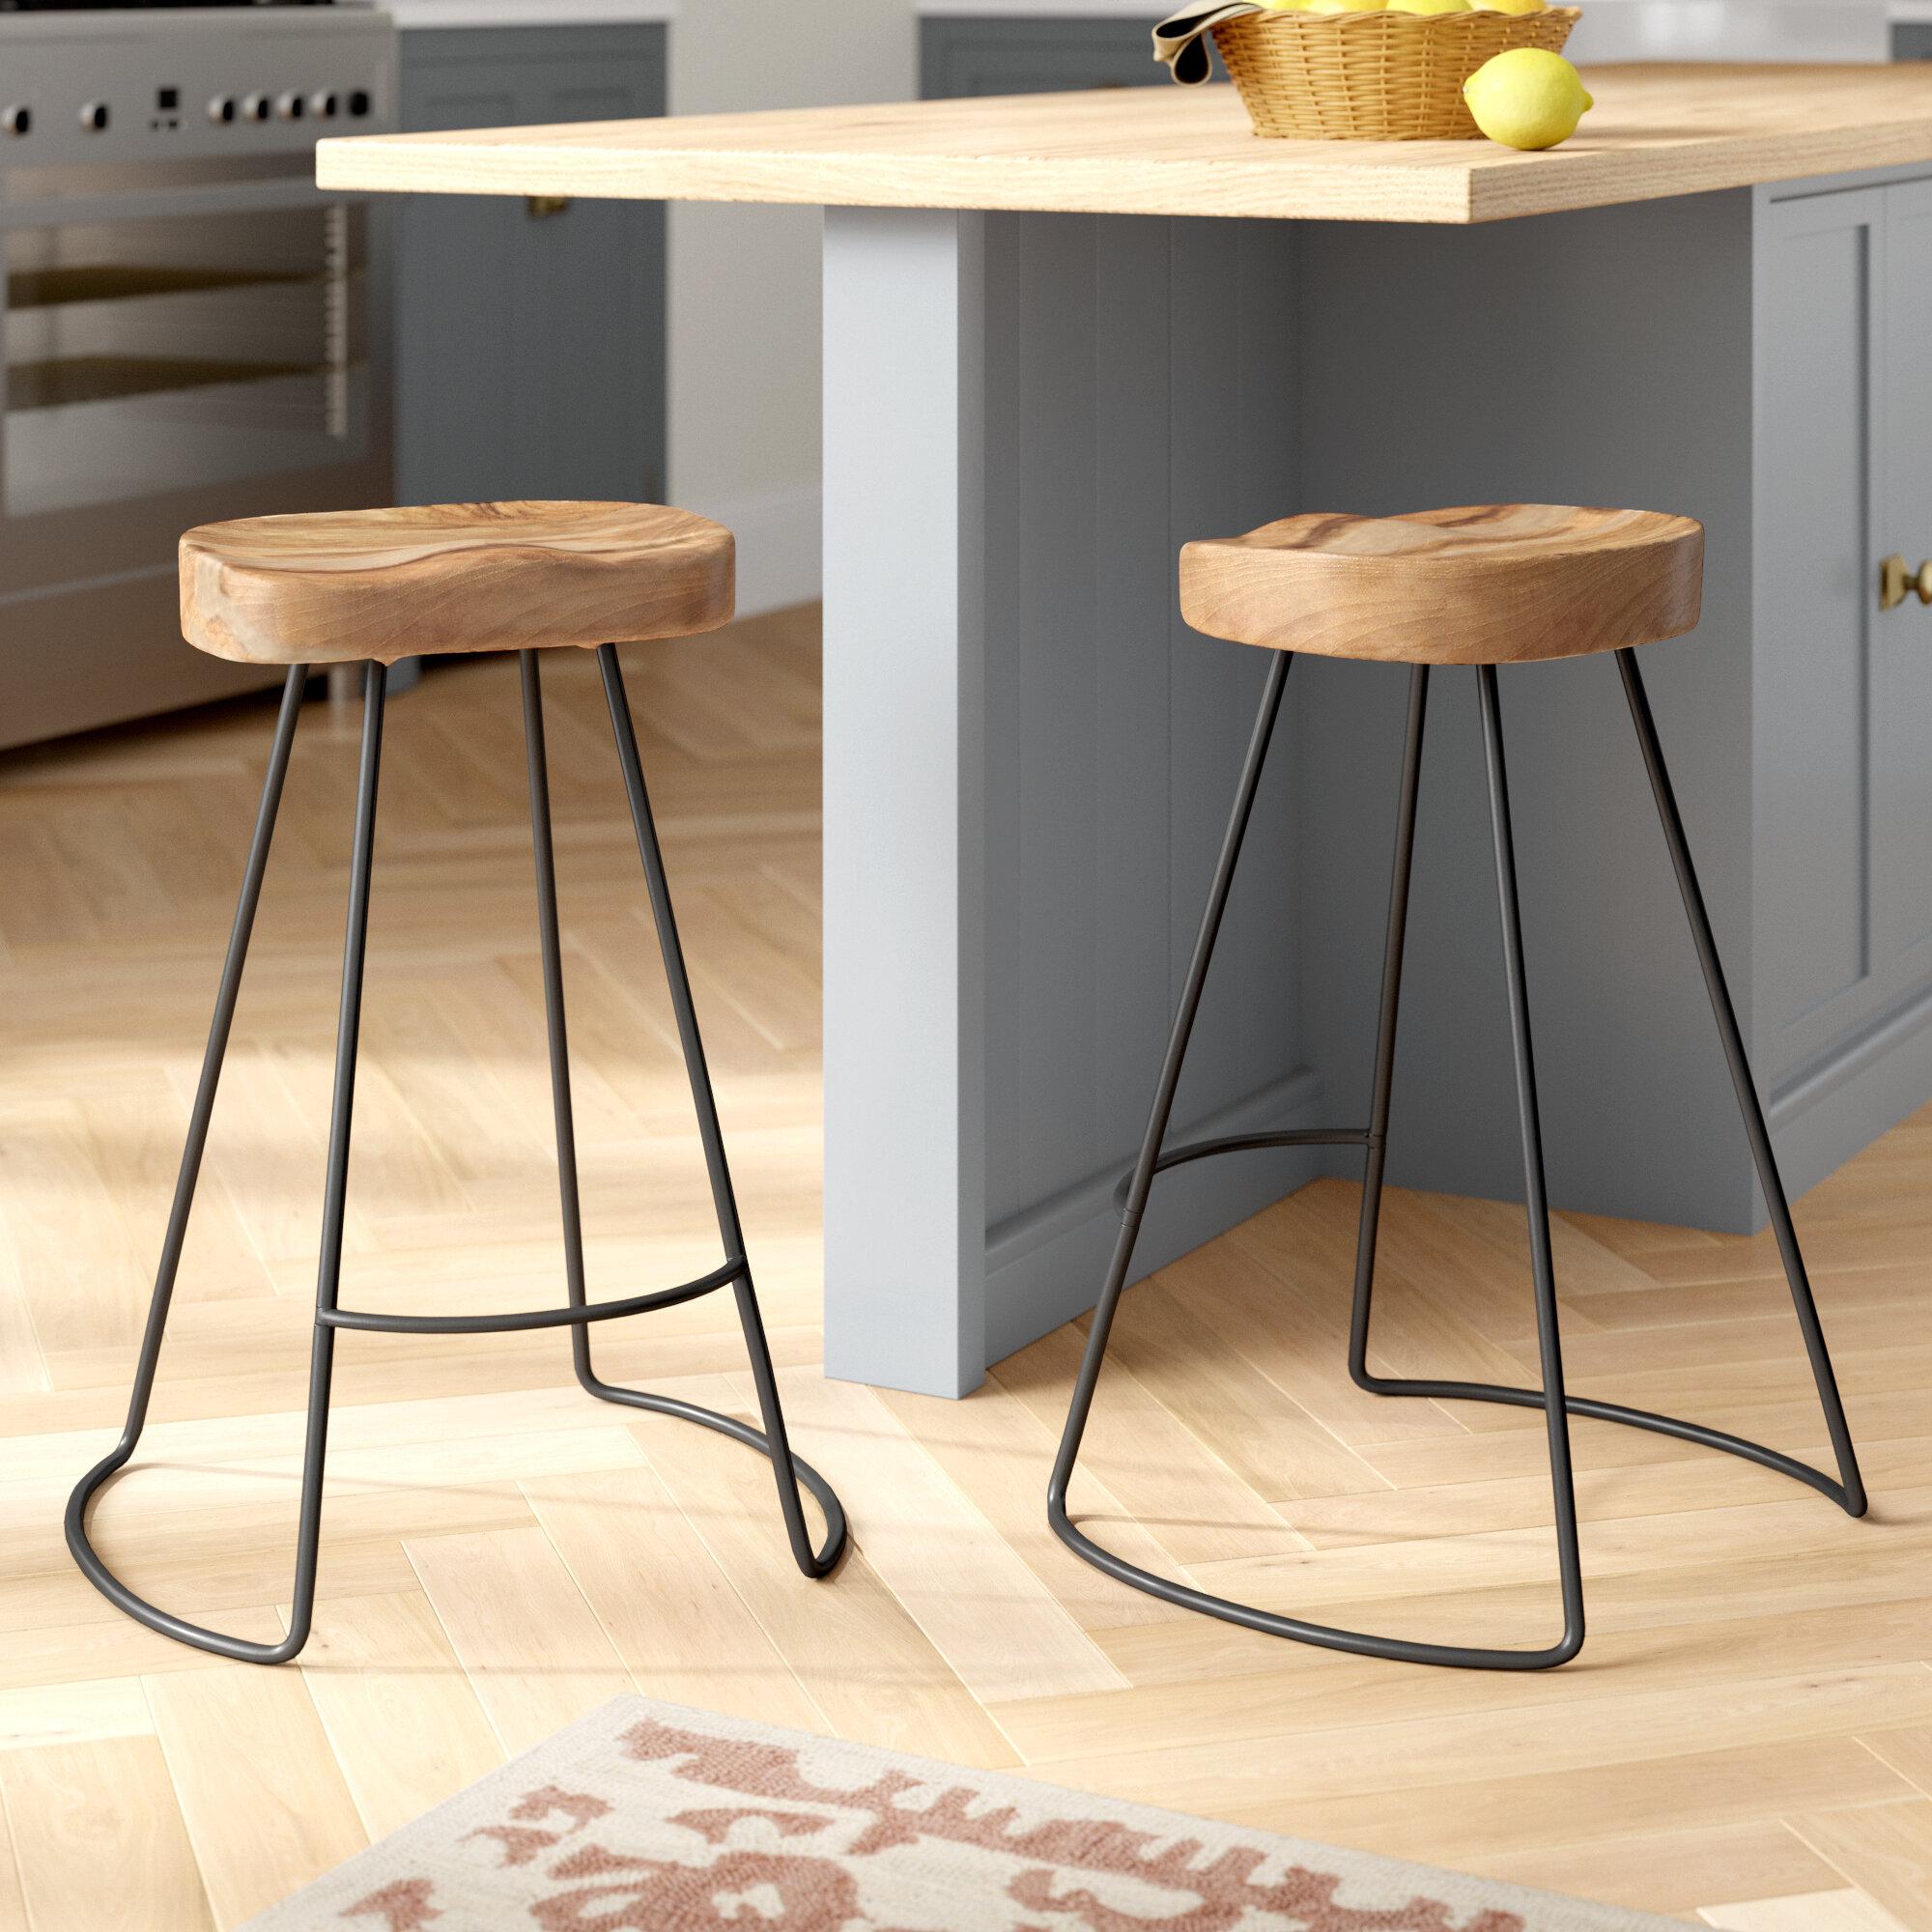 Fine Barraute Bar Counter Stool Beatyapartments Chair Design Images Beatyapartmentscom